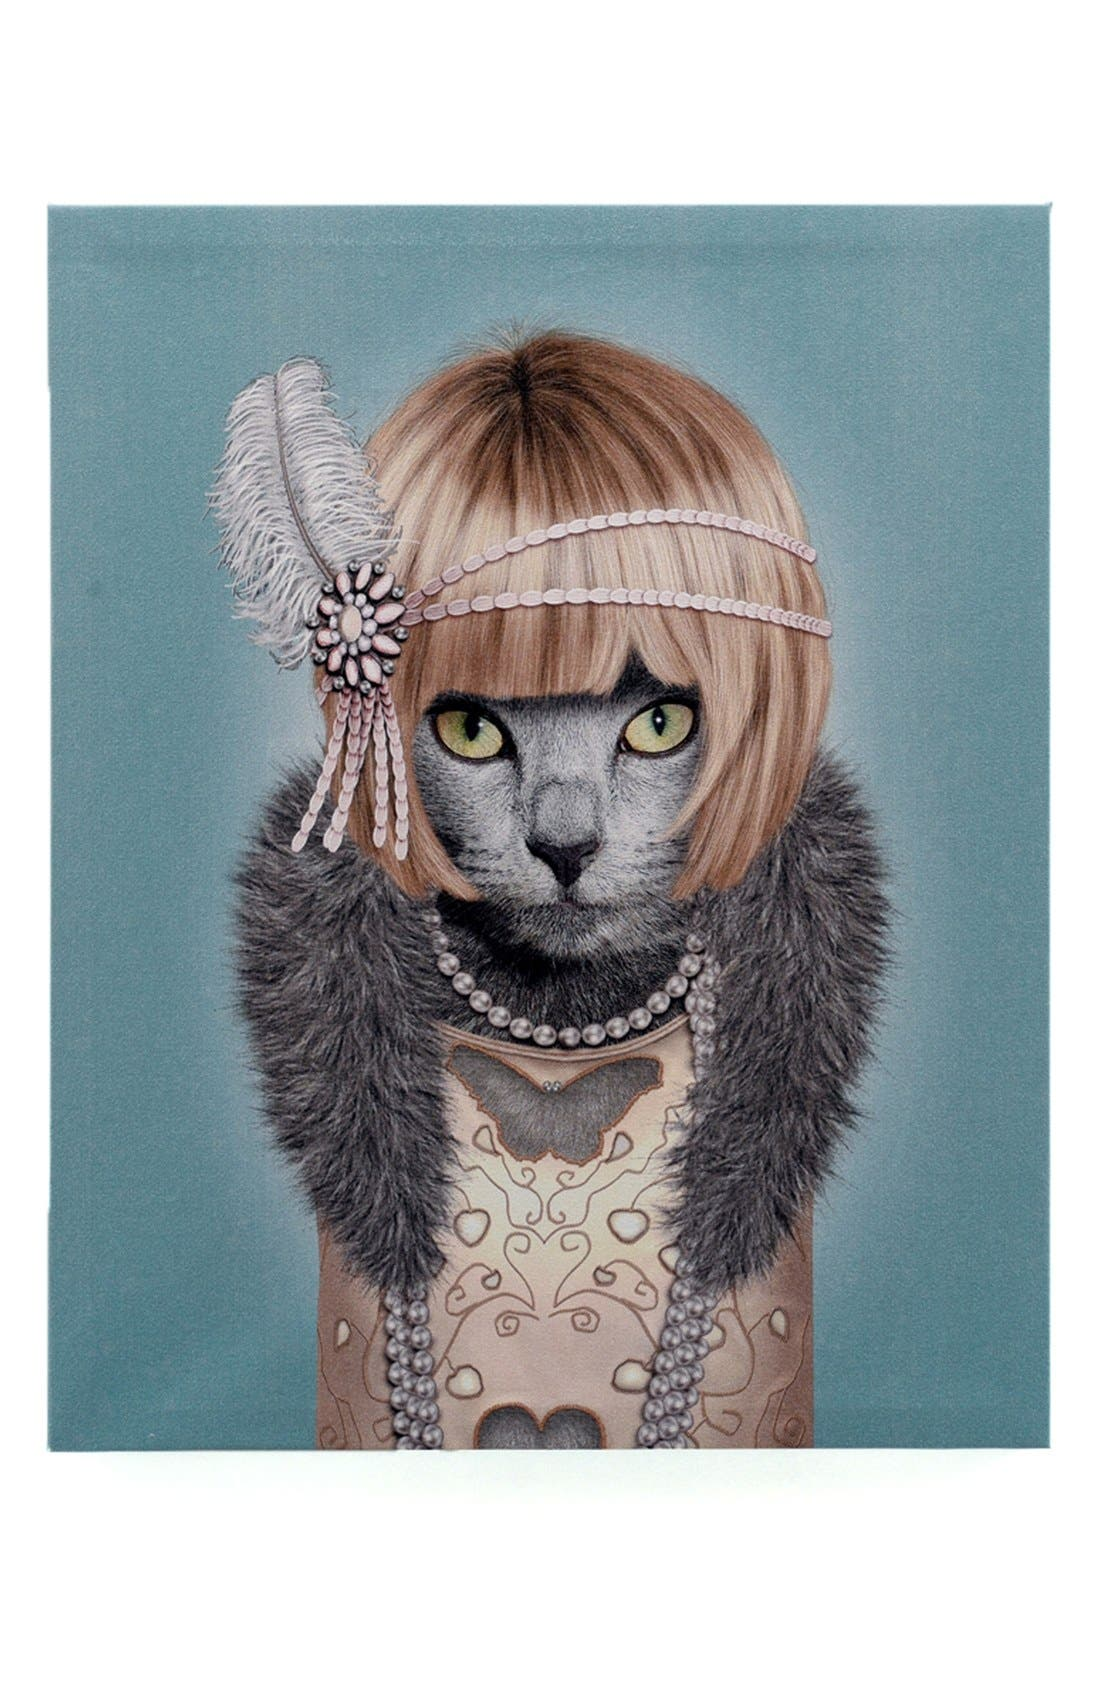 EMPIRE ART DIRECT 'Pets Rock™ - Daisy' Giclée